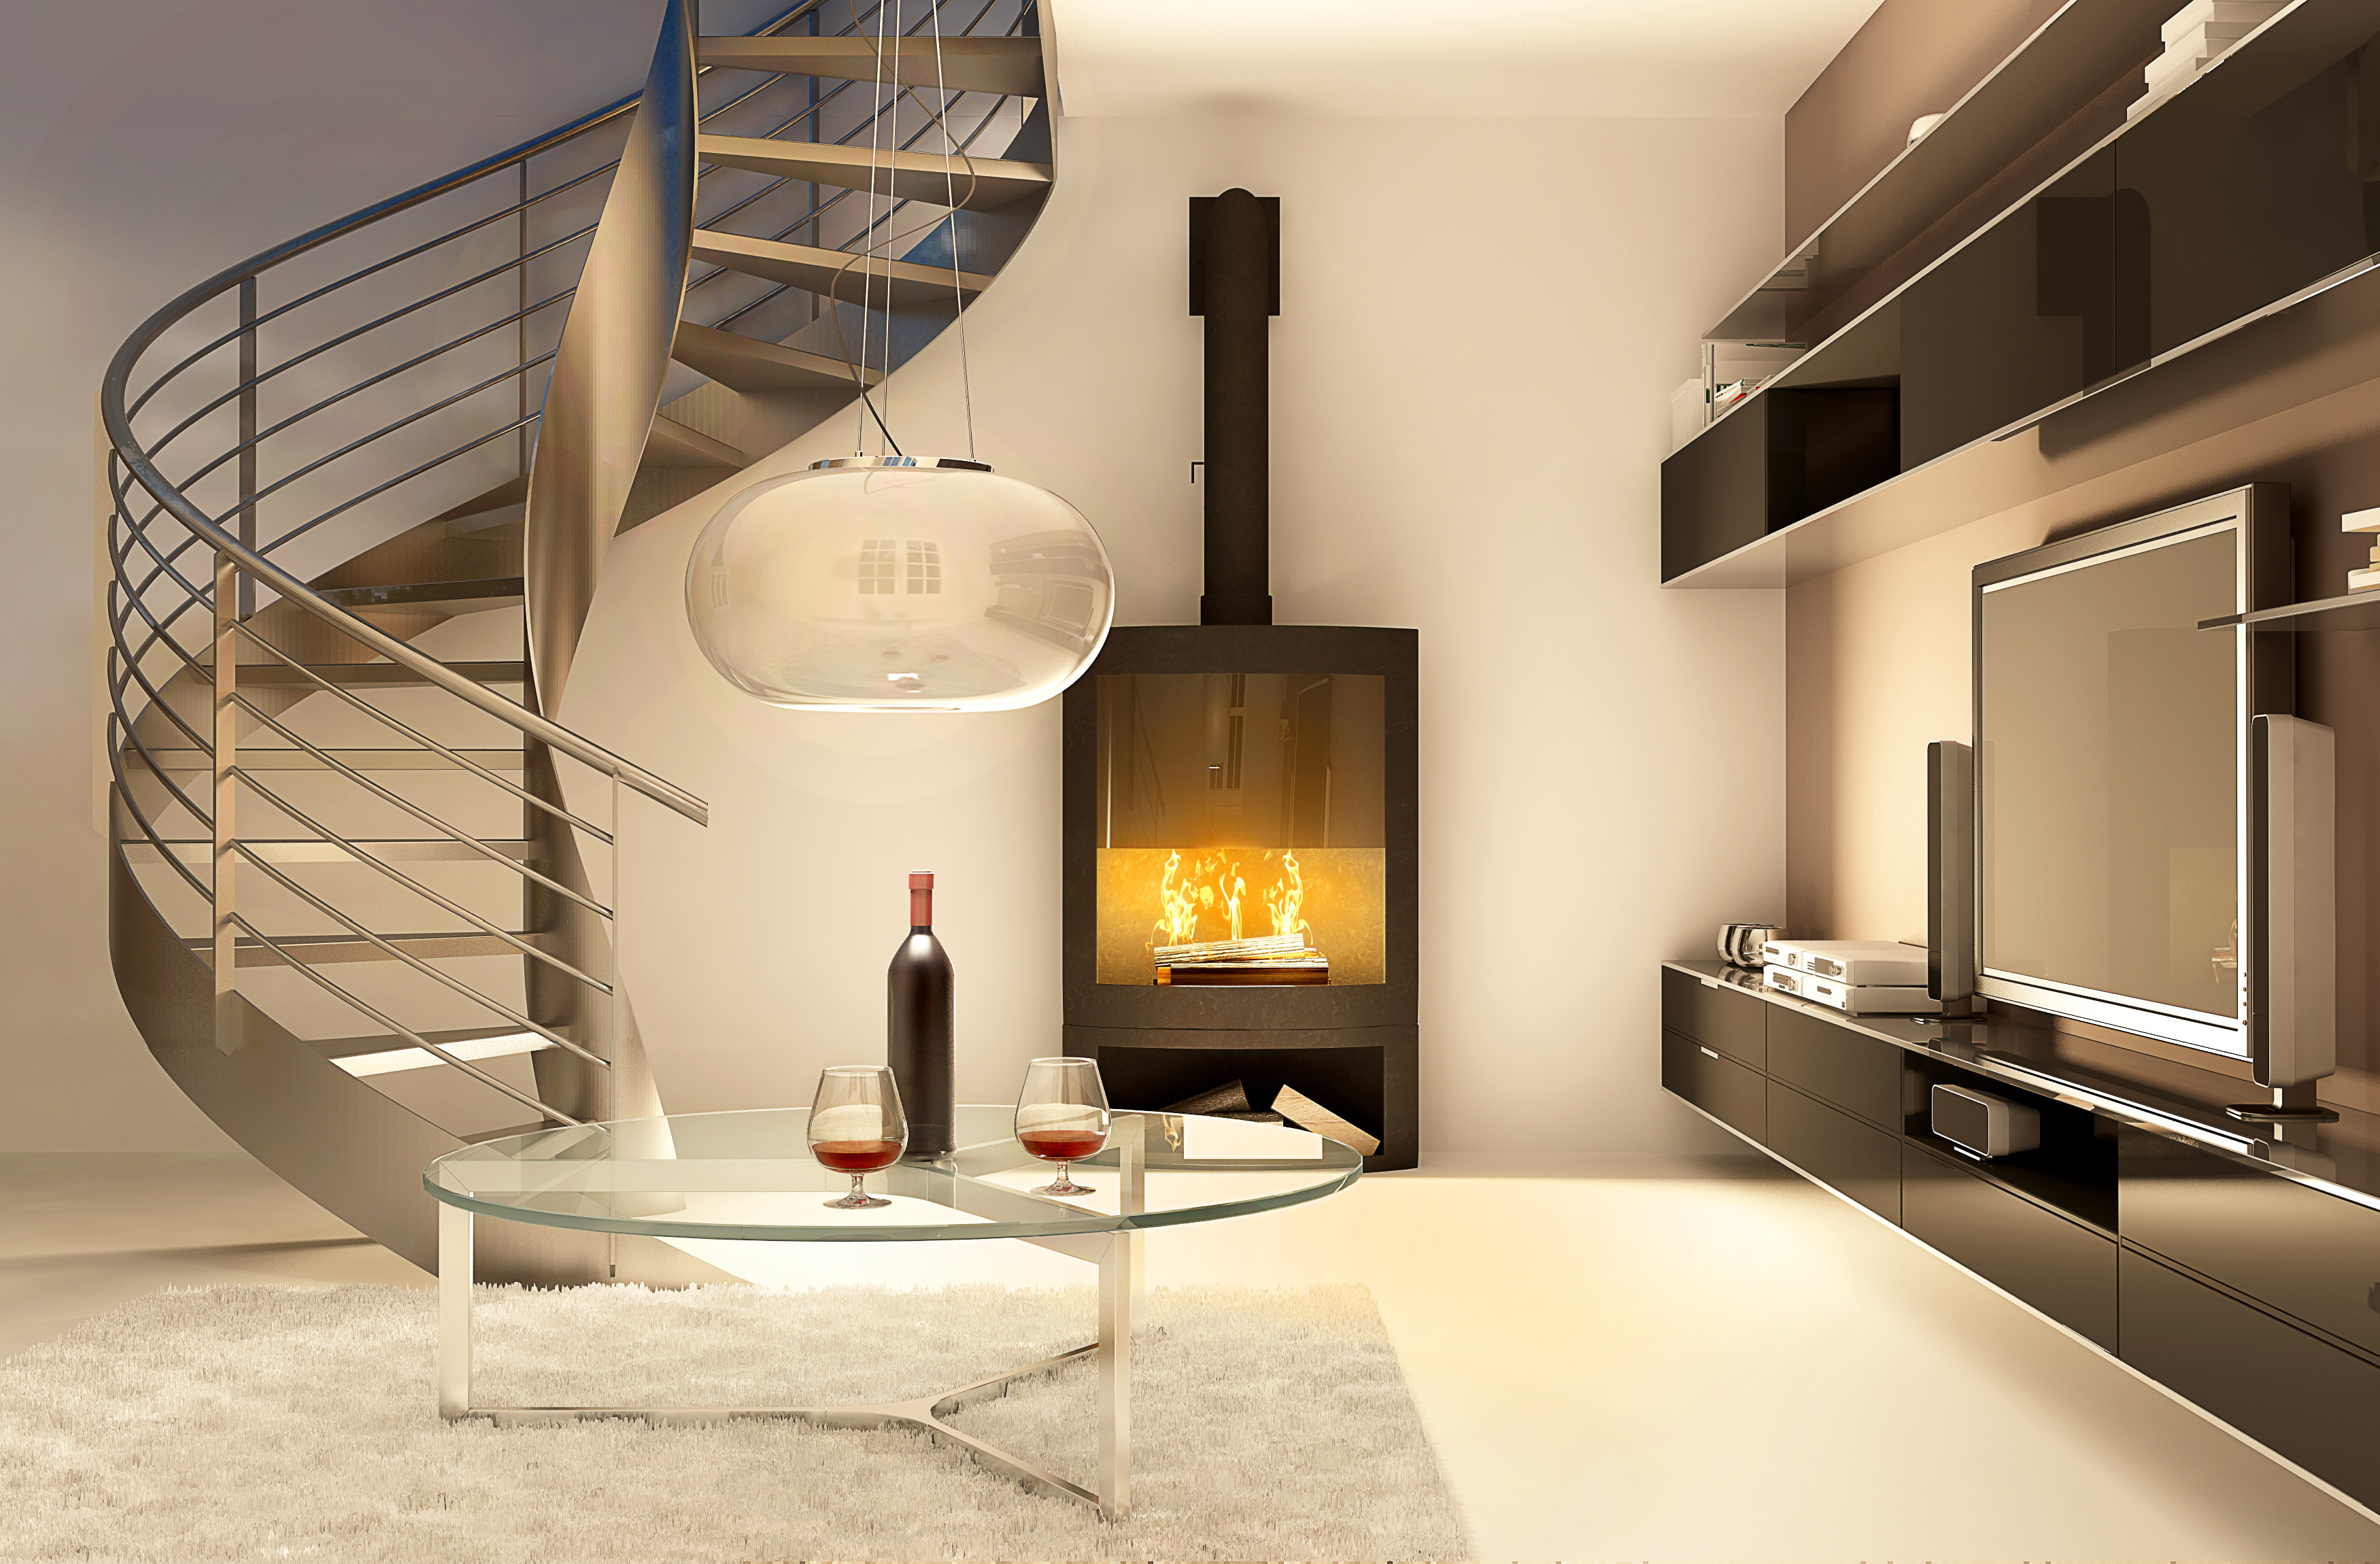 r duire votre facture de chauffage 10 conseils pour y arriver. Black Bedroom Furniture Sets. Home Design Ideas